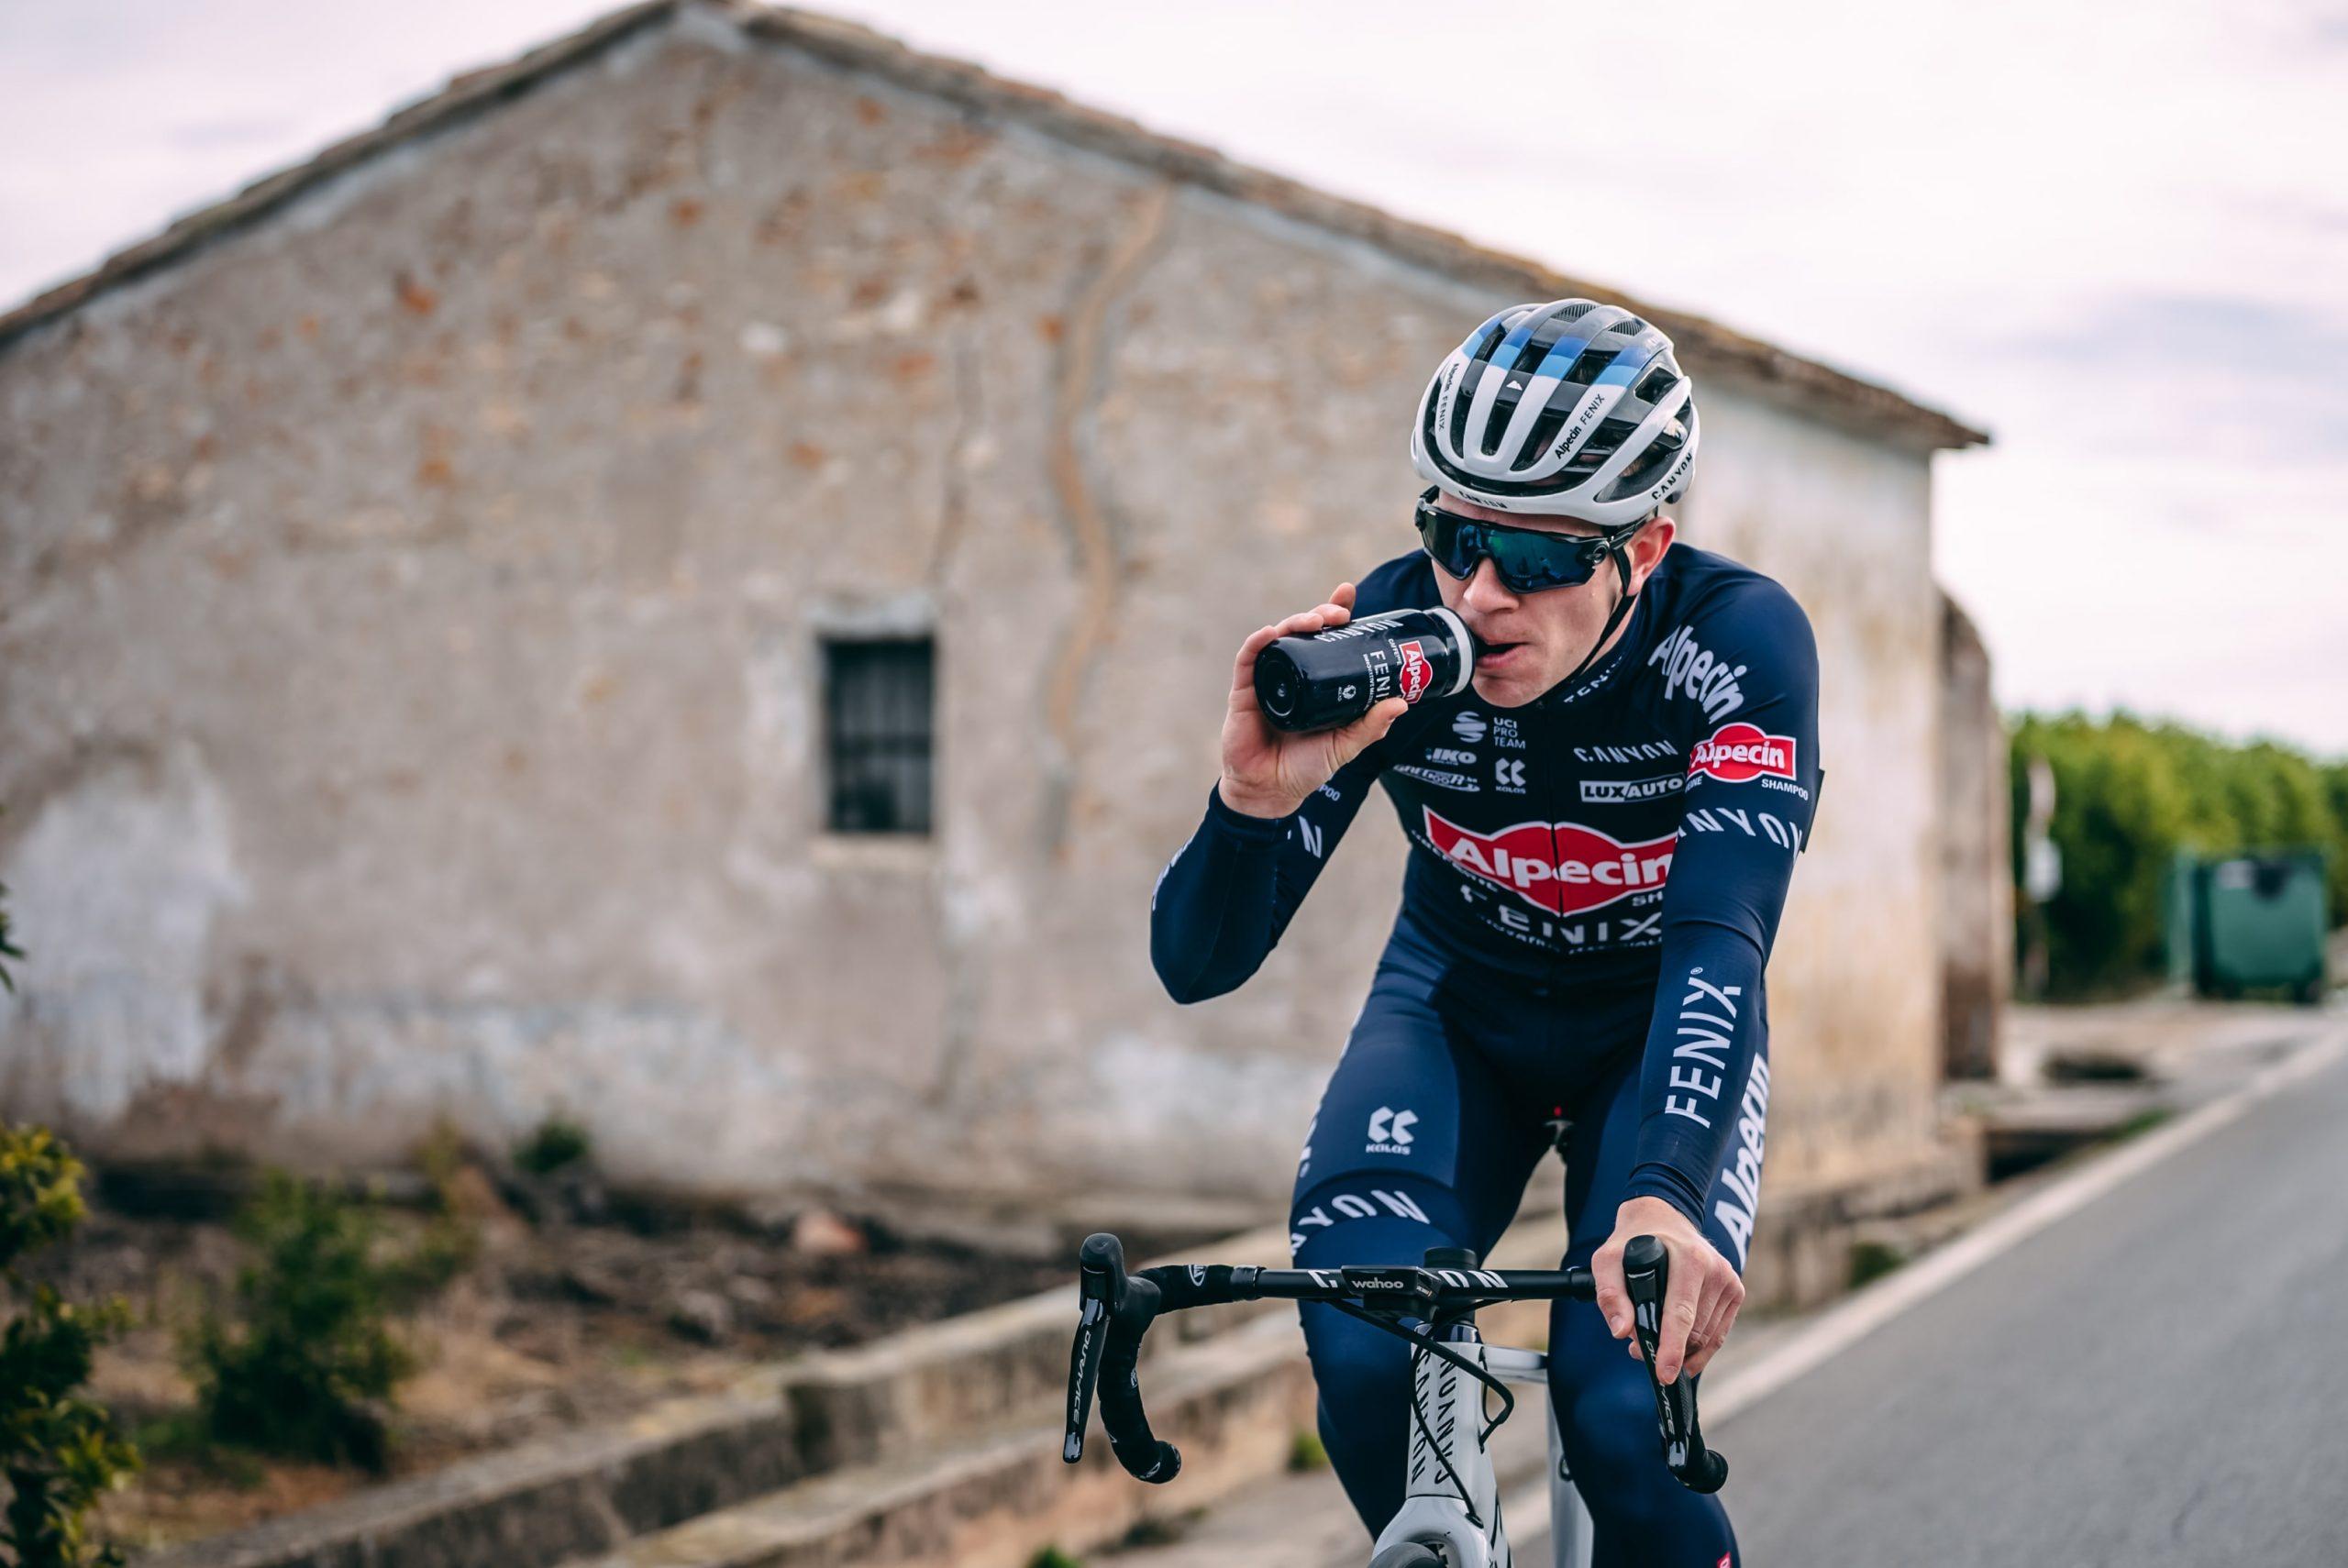 Lionel Taminiaux door weer, wind en sneeuwstorm in de Presidential Cycling Tour of Turkey